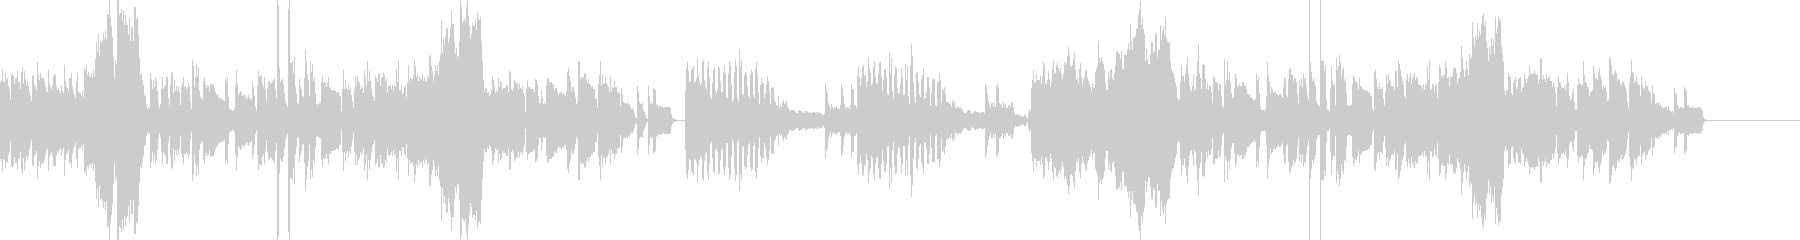 ガジェットCM に似合うそうな曲ですの未再生の波形